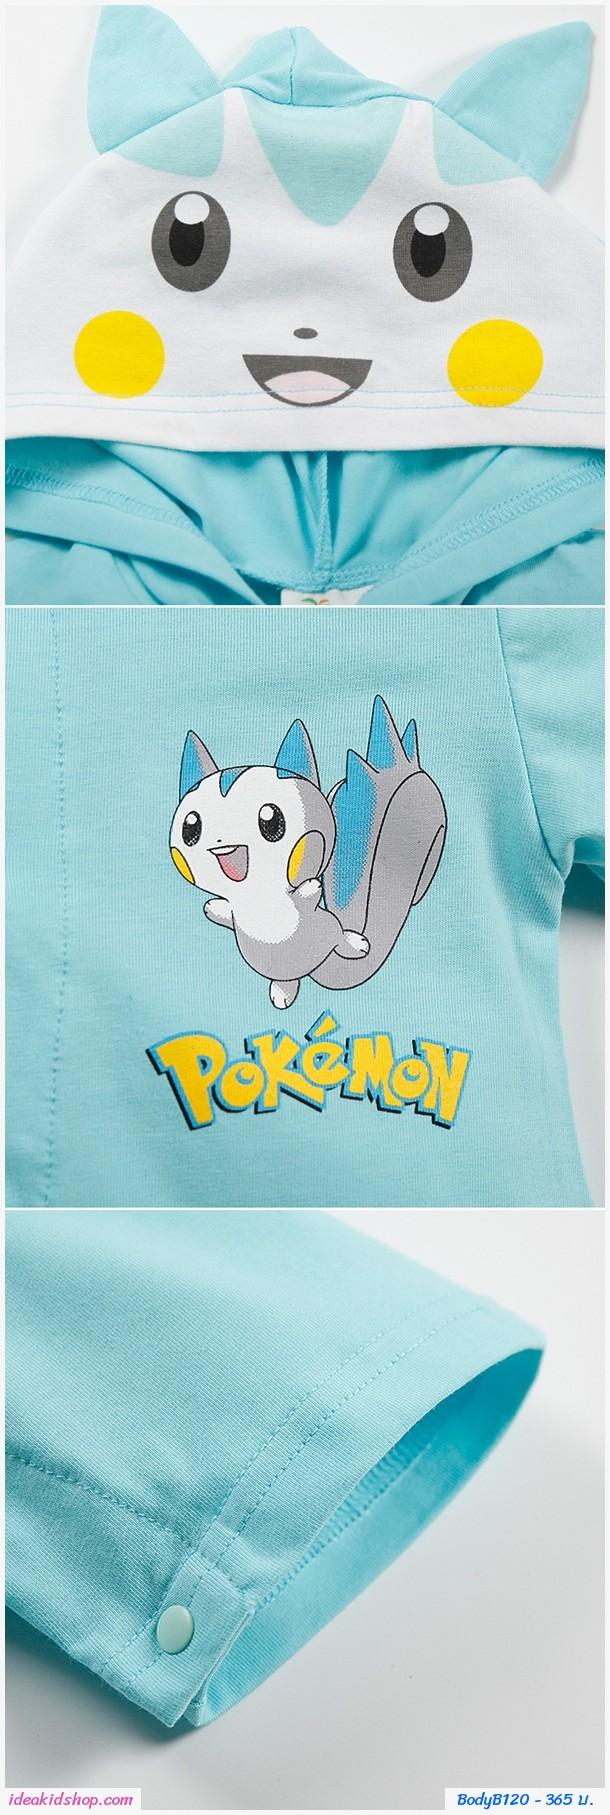 บอดี้สูทมีฮู้ด Pokemon Pachirisu สีฟ้า